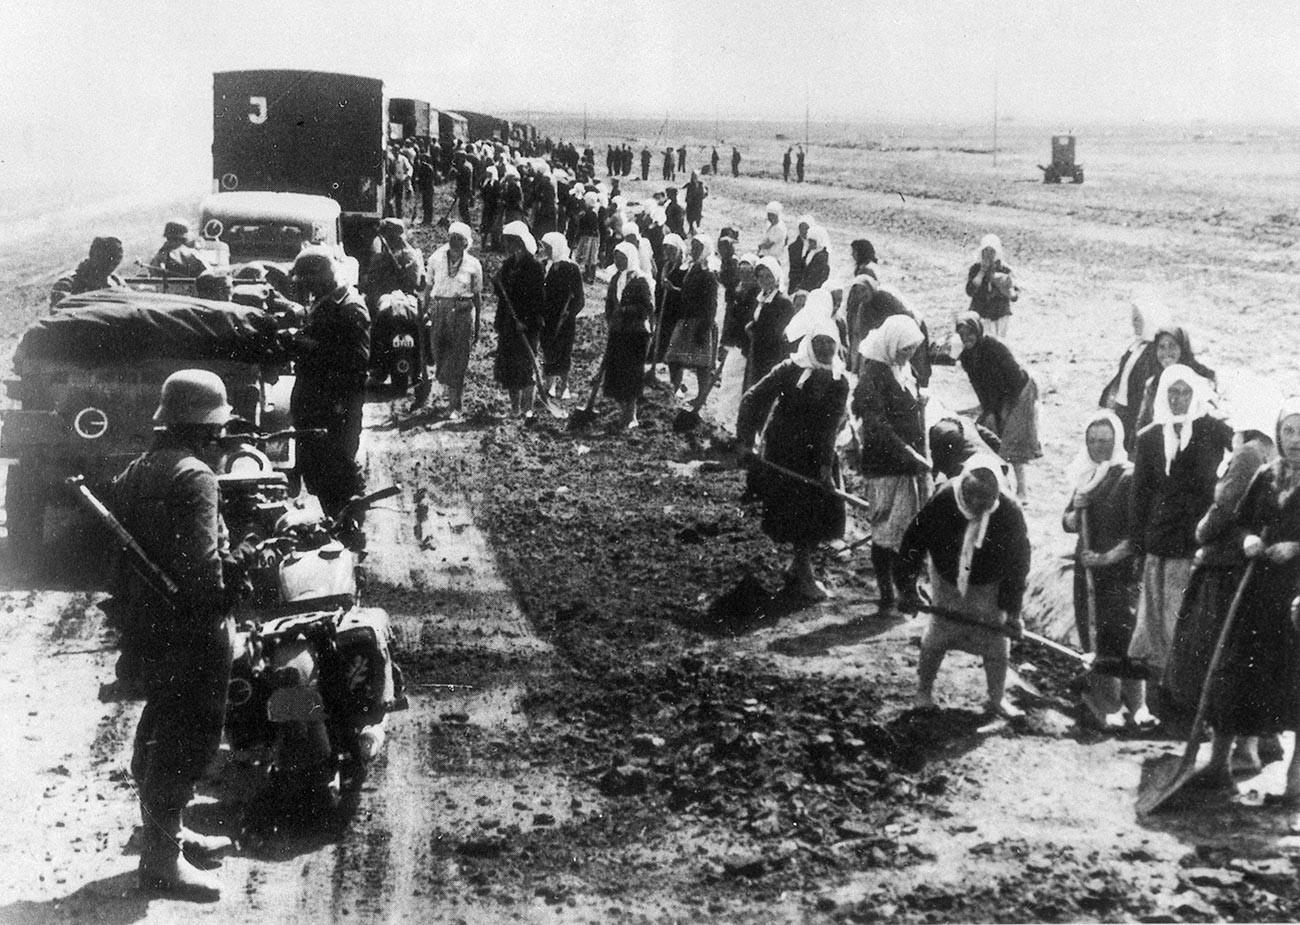 Sovjetski građani za vrijeme radova na cesti pod nadzorom njemačkih vojnika.